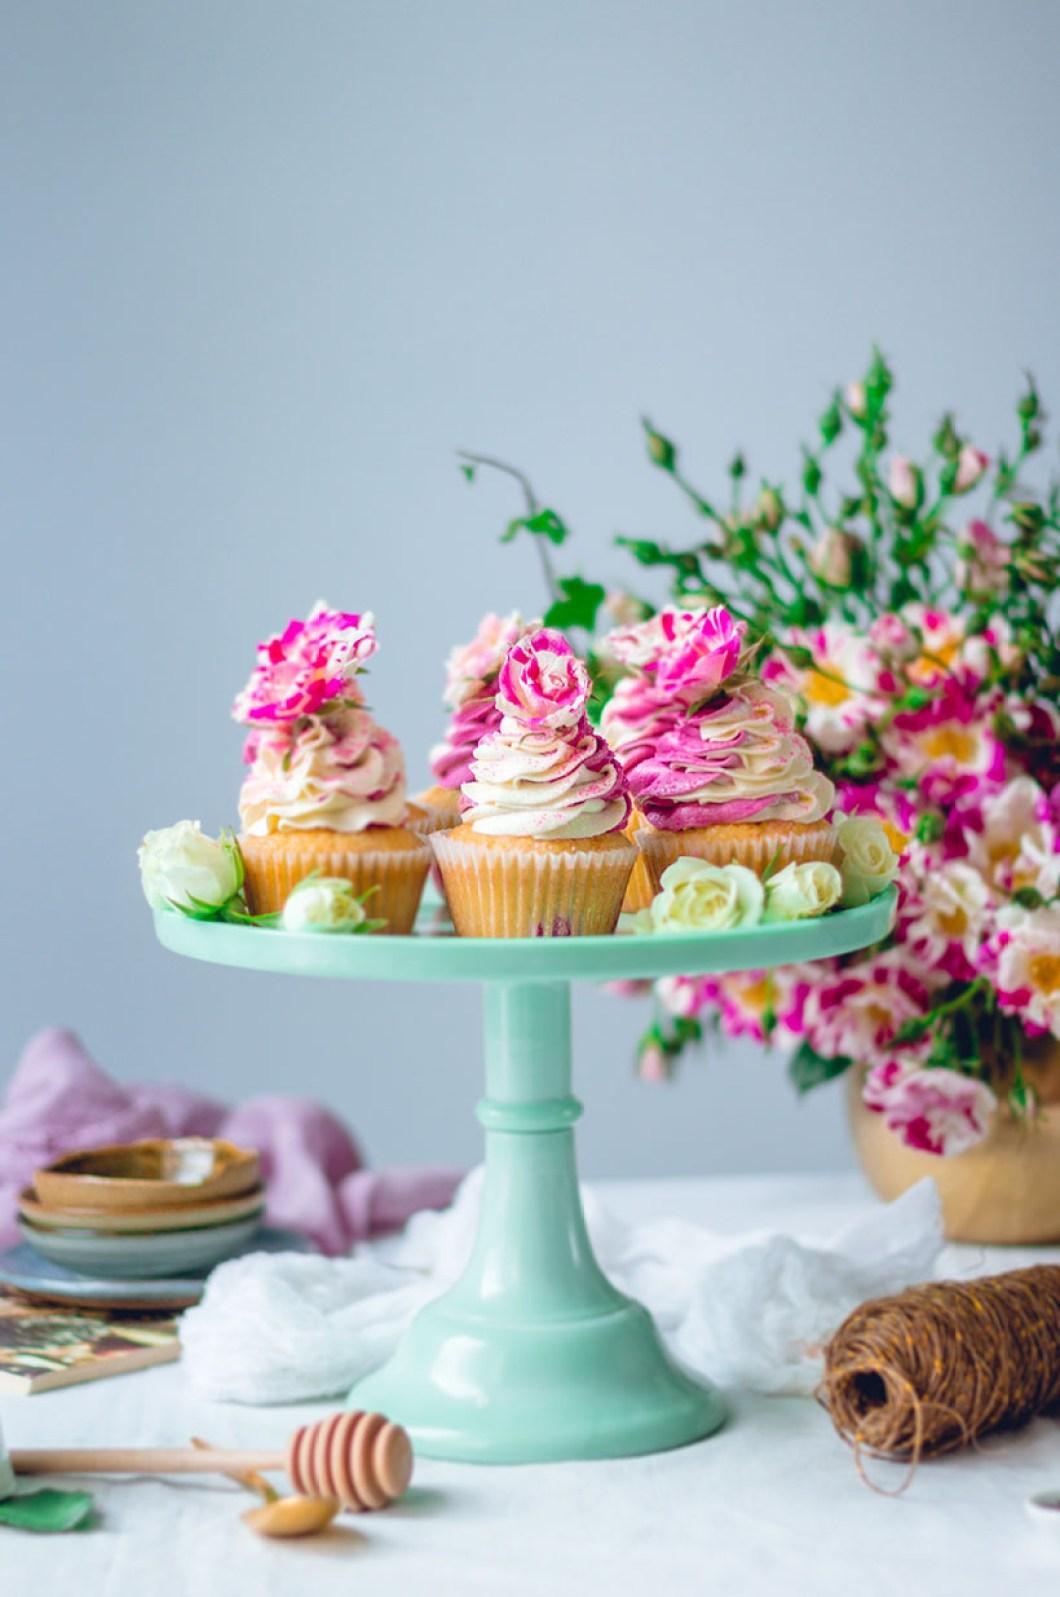 cupcakes_blackberry-8838